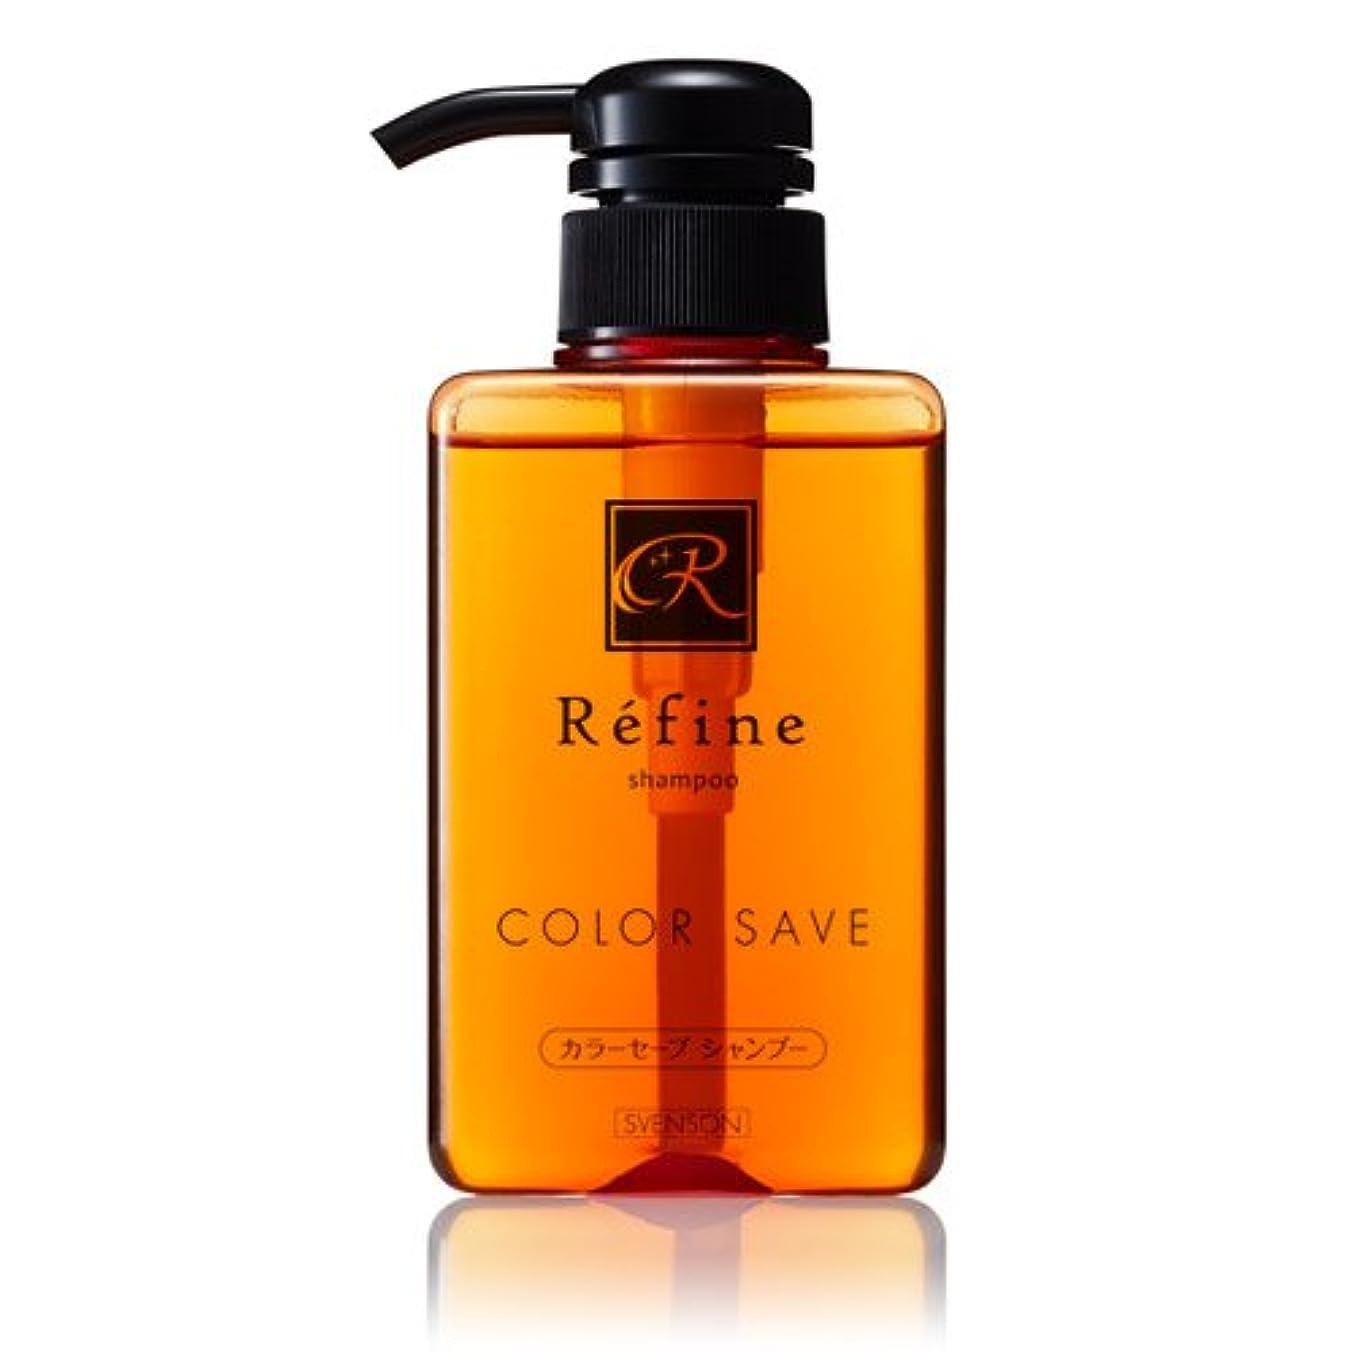 レフィーネ カラーセーブシャンプー(400mL) ローズの香り